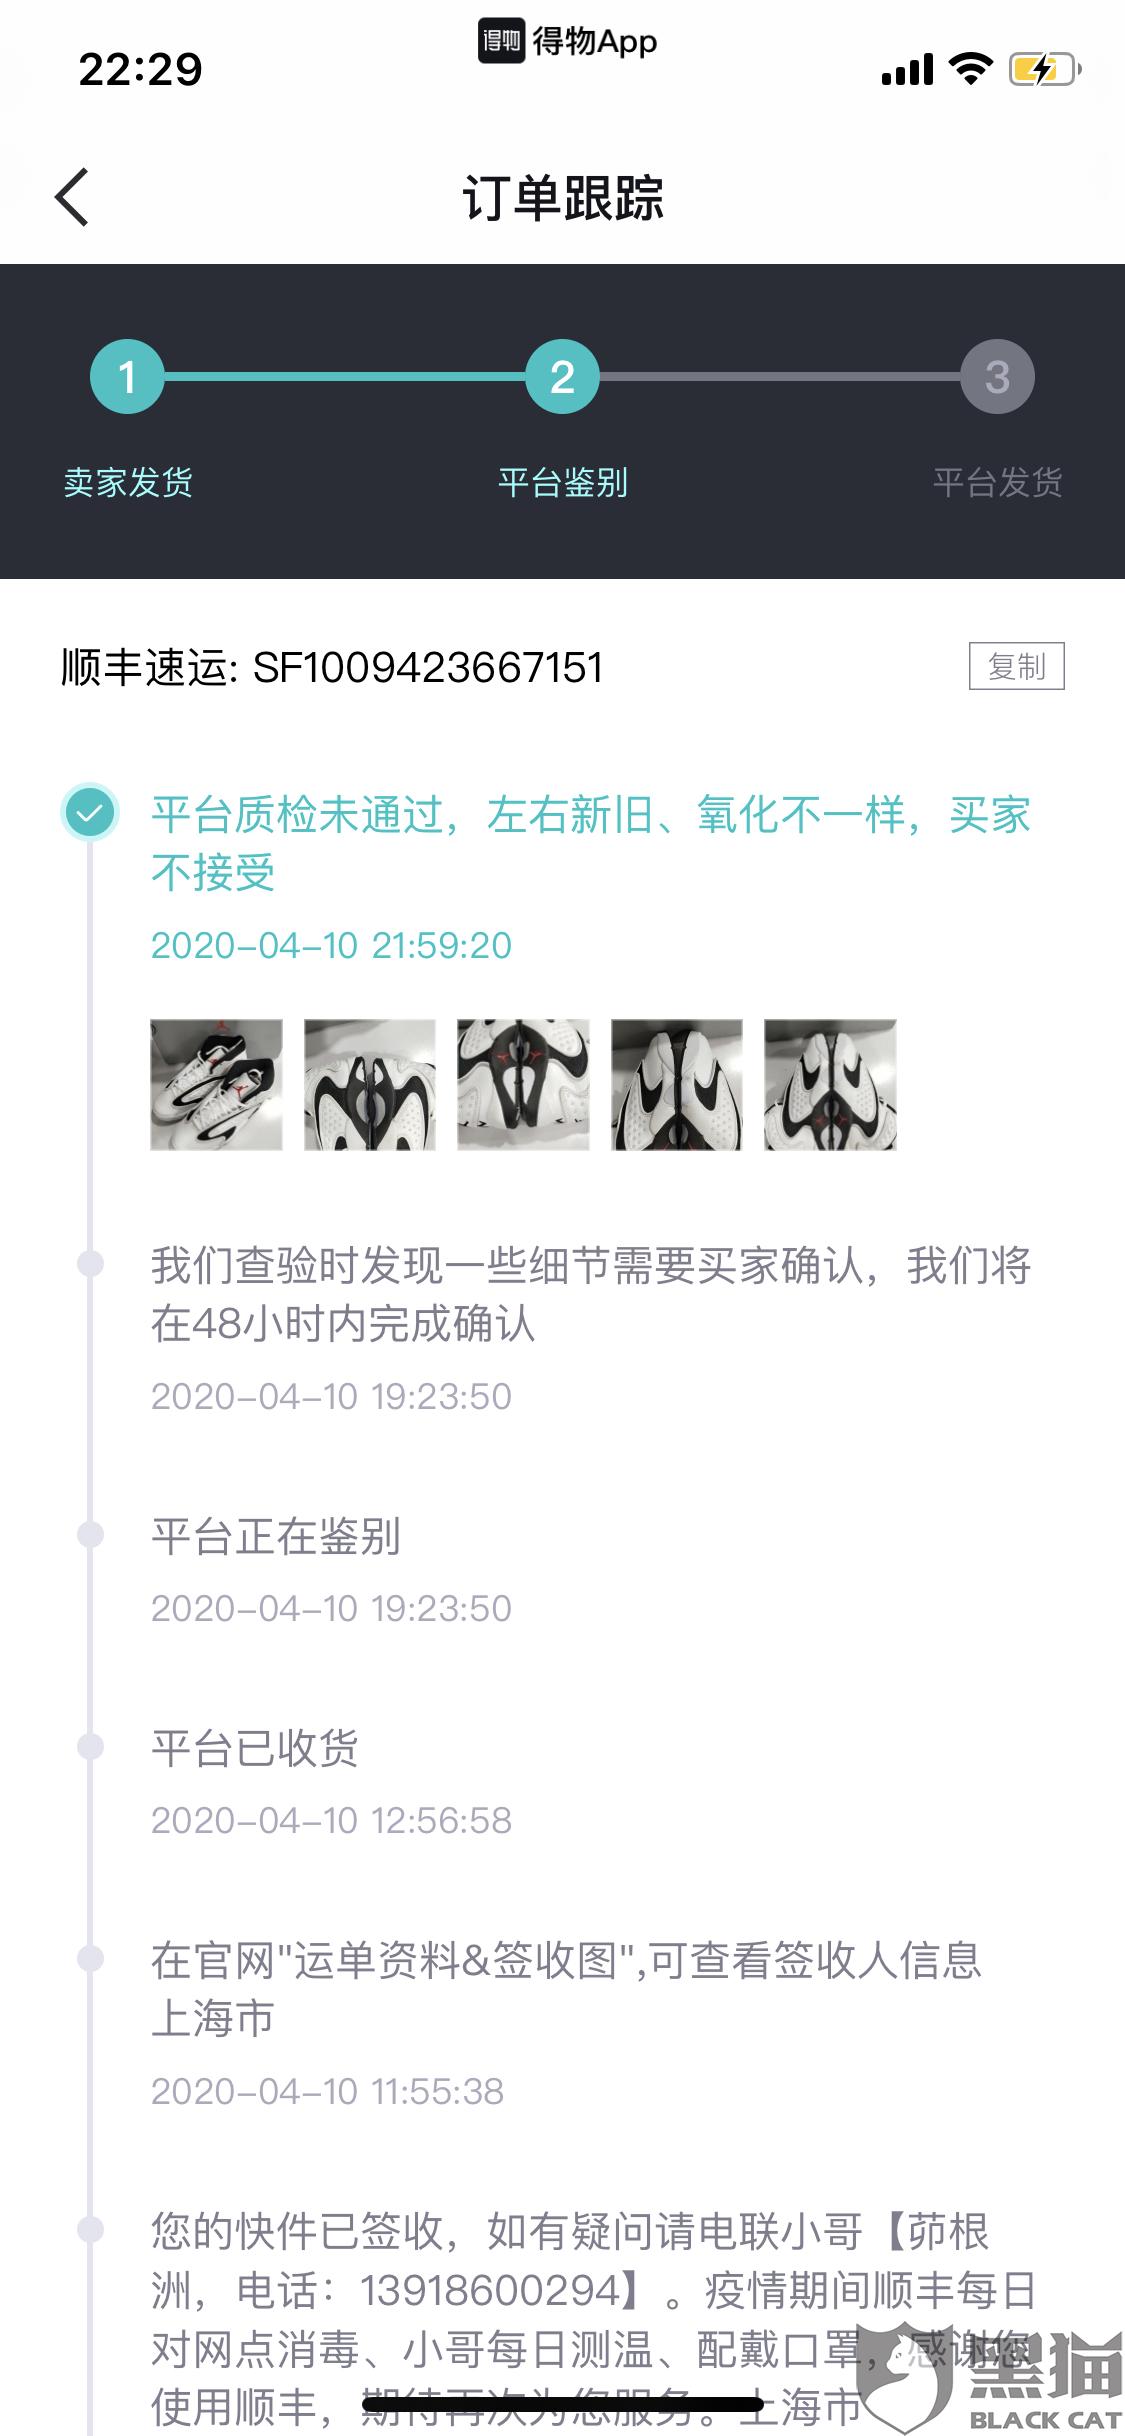 黑猫投诉:得物app鉴定师用自己的职权欺负卖家